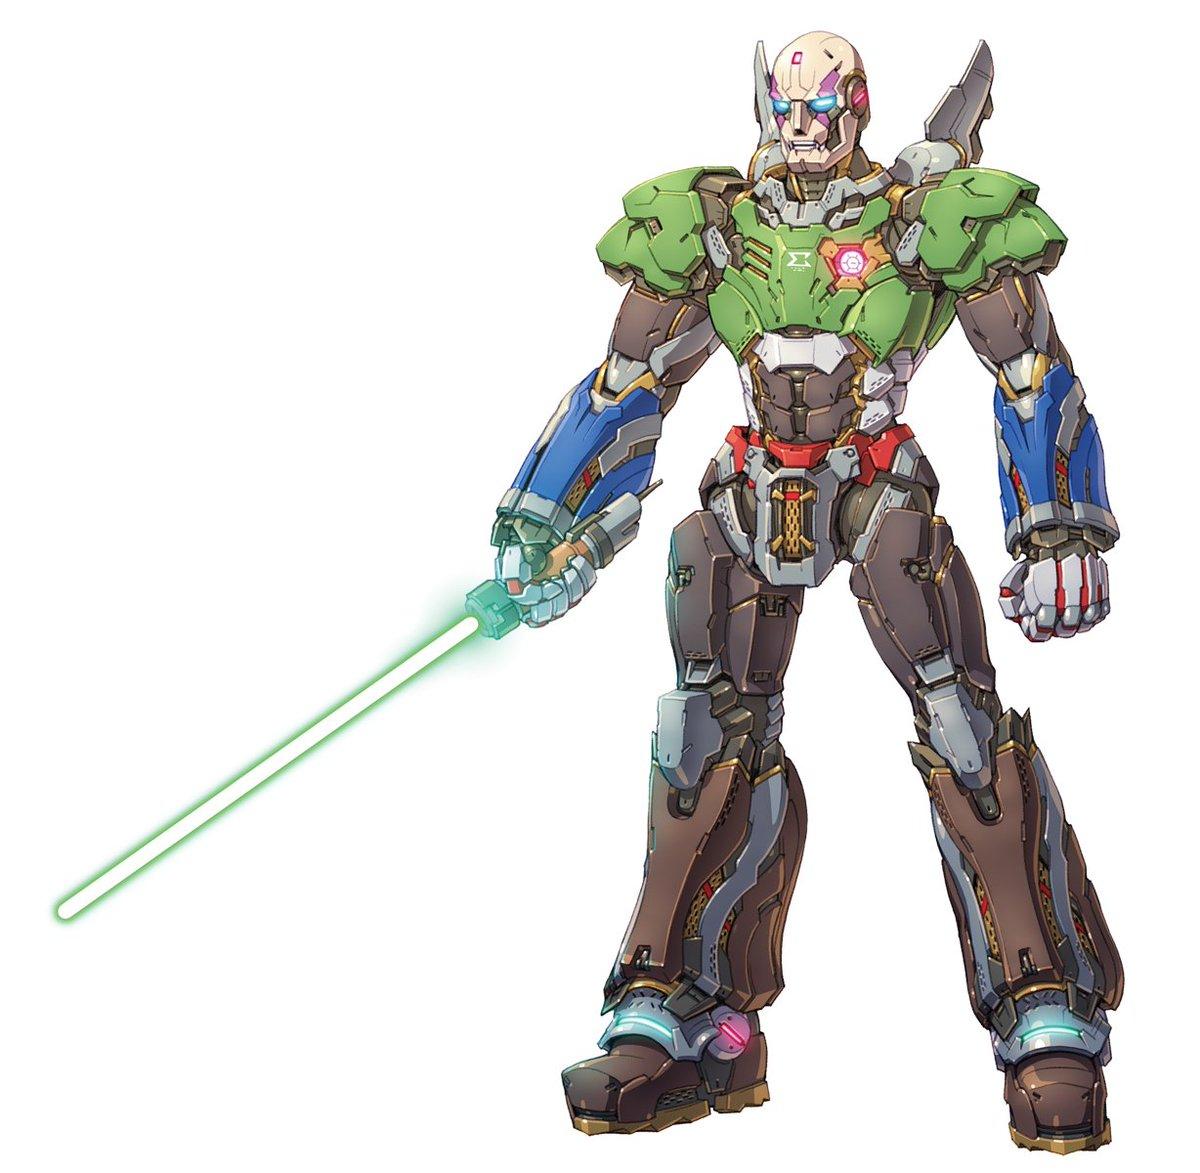 倉持さんトコのゲームロボ本用に描いたハイディテールシグマ ディテールイメージは映画版アイアンマンでした #過去絵を投げて絵を描いた気になろうキャンペーン